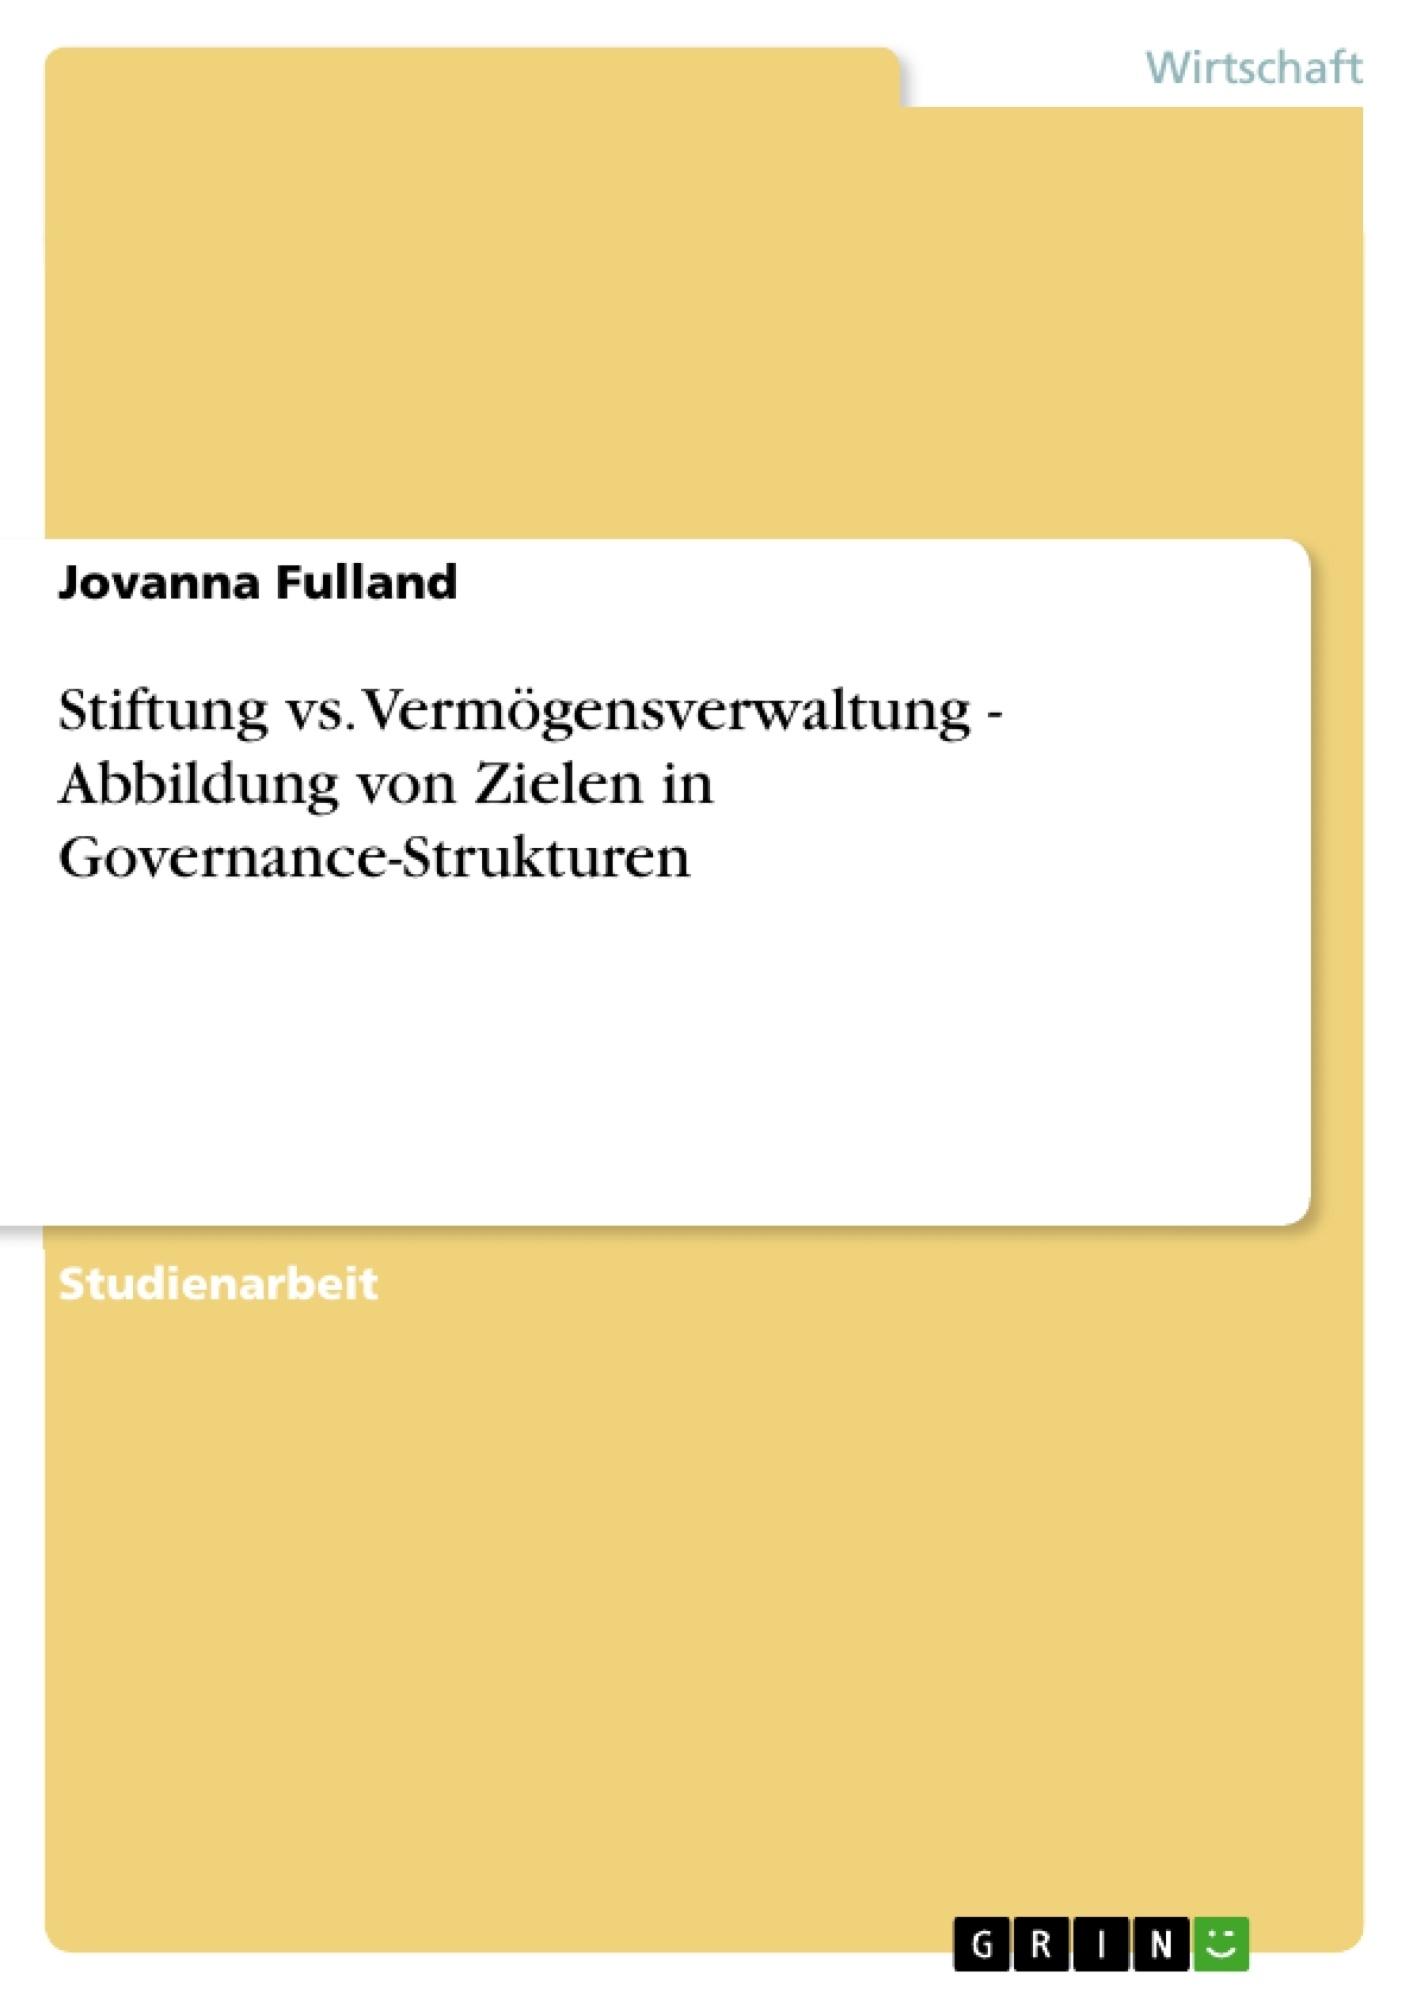 Titel: Stiftung vs. Vermögensverwaltung  - Abbildung von Zielen in Governance-Strukturen